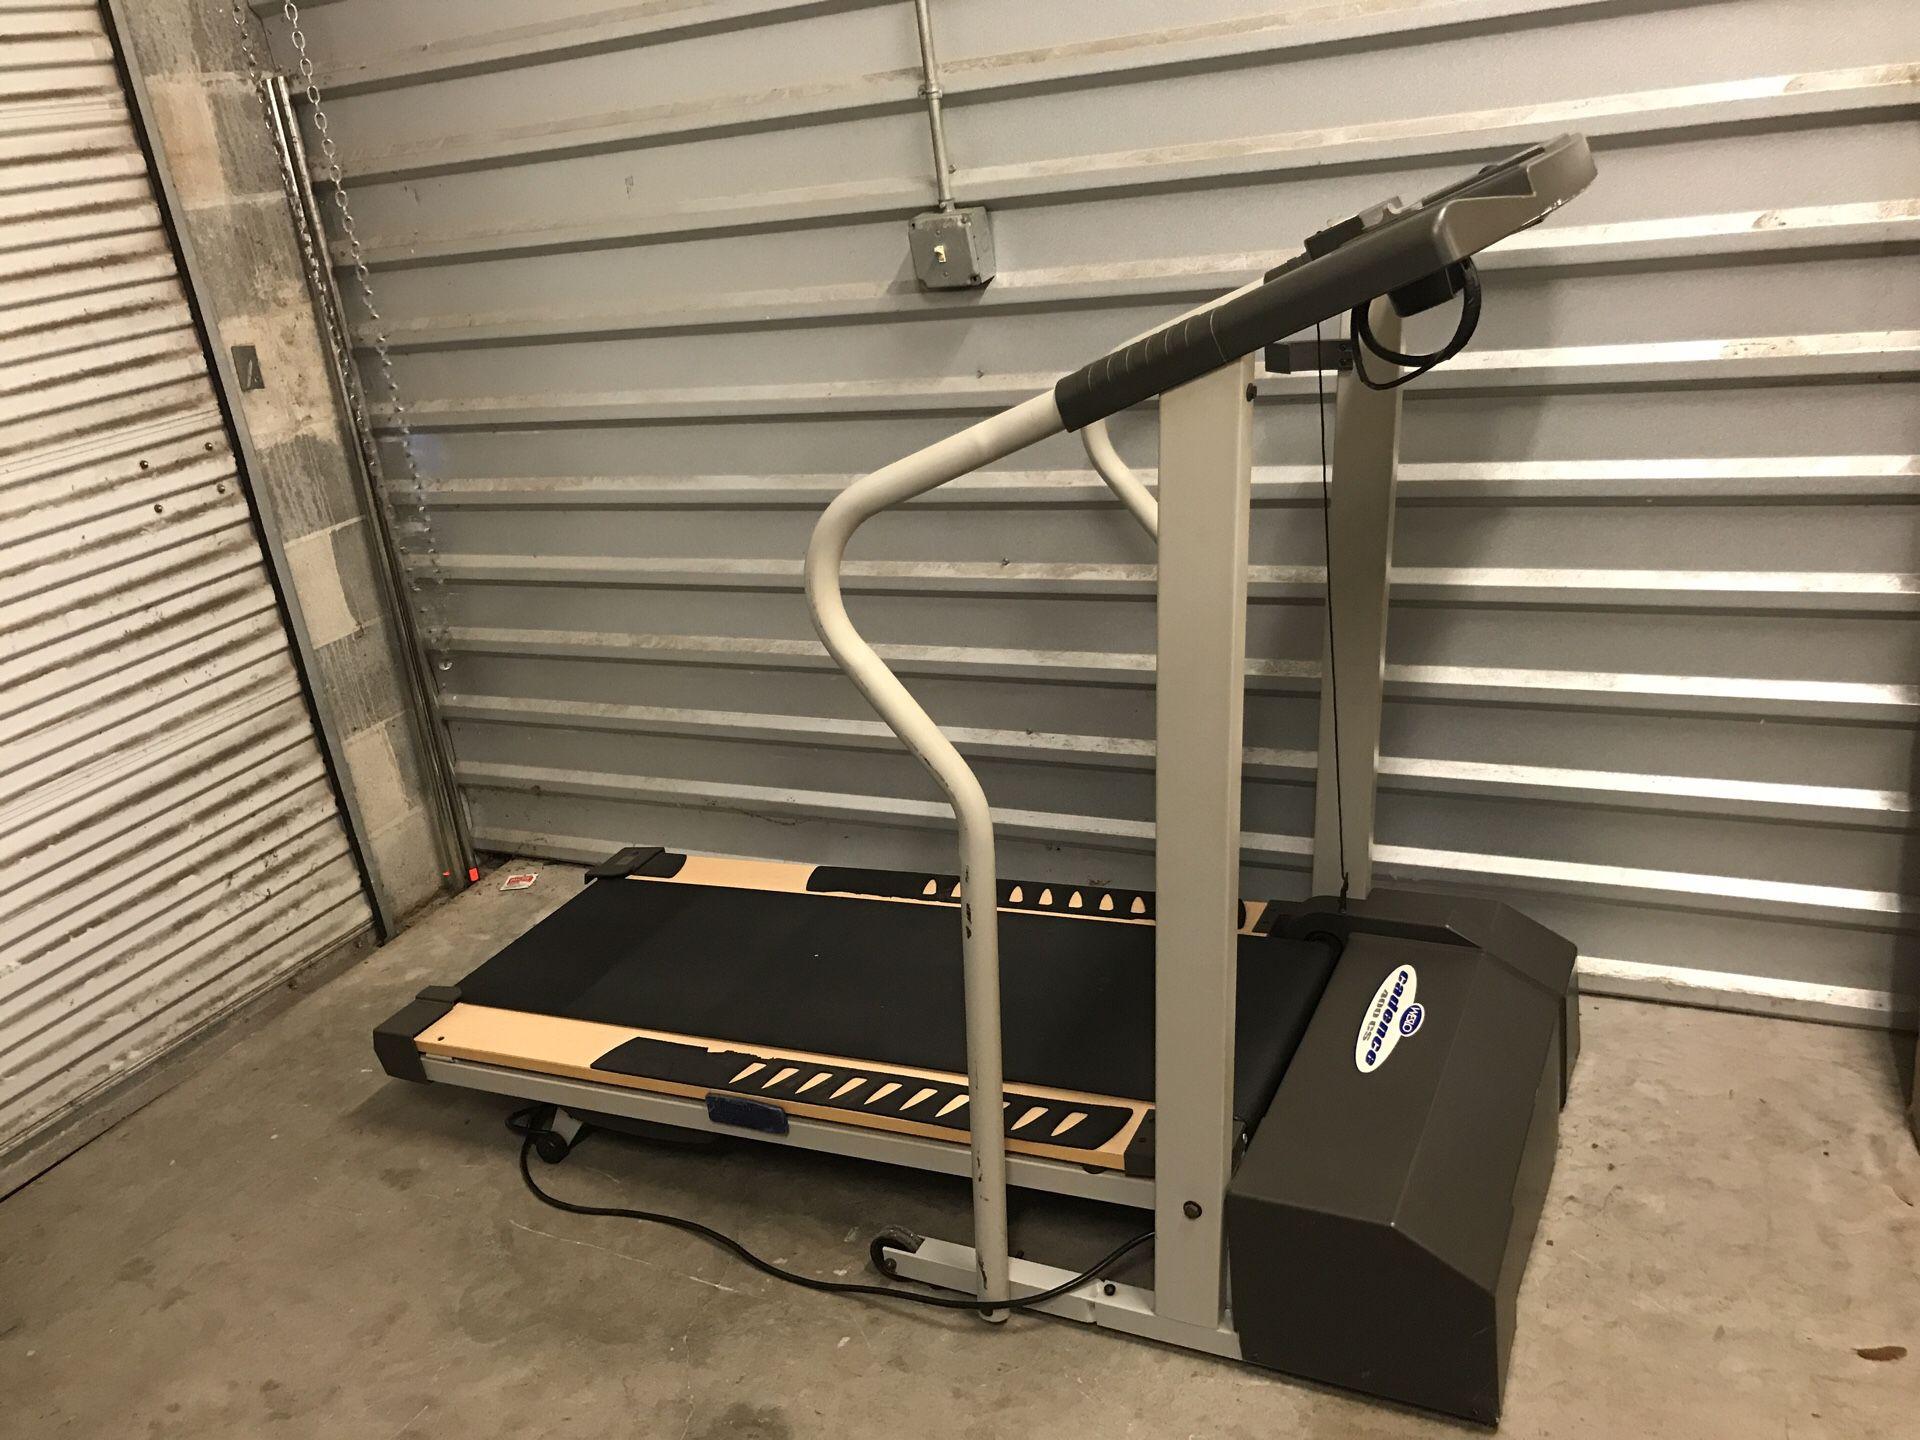 Best Treadmill Brands - Weslo Cadence Treadmill